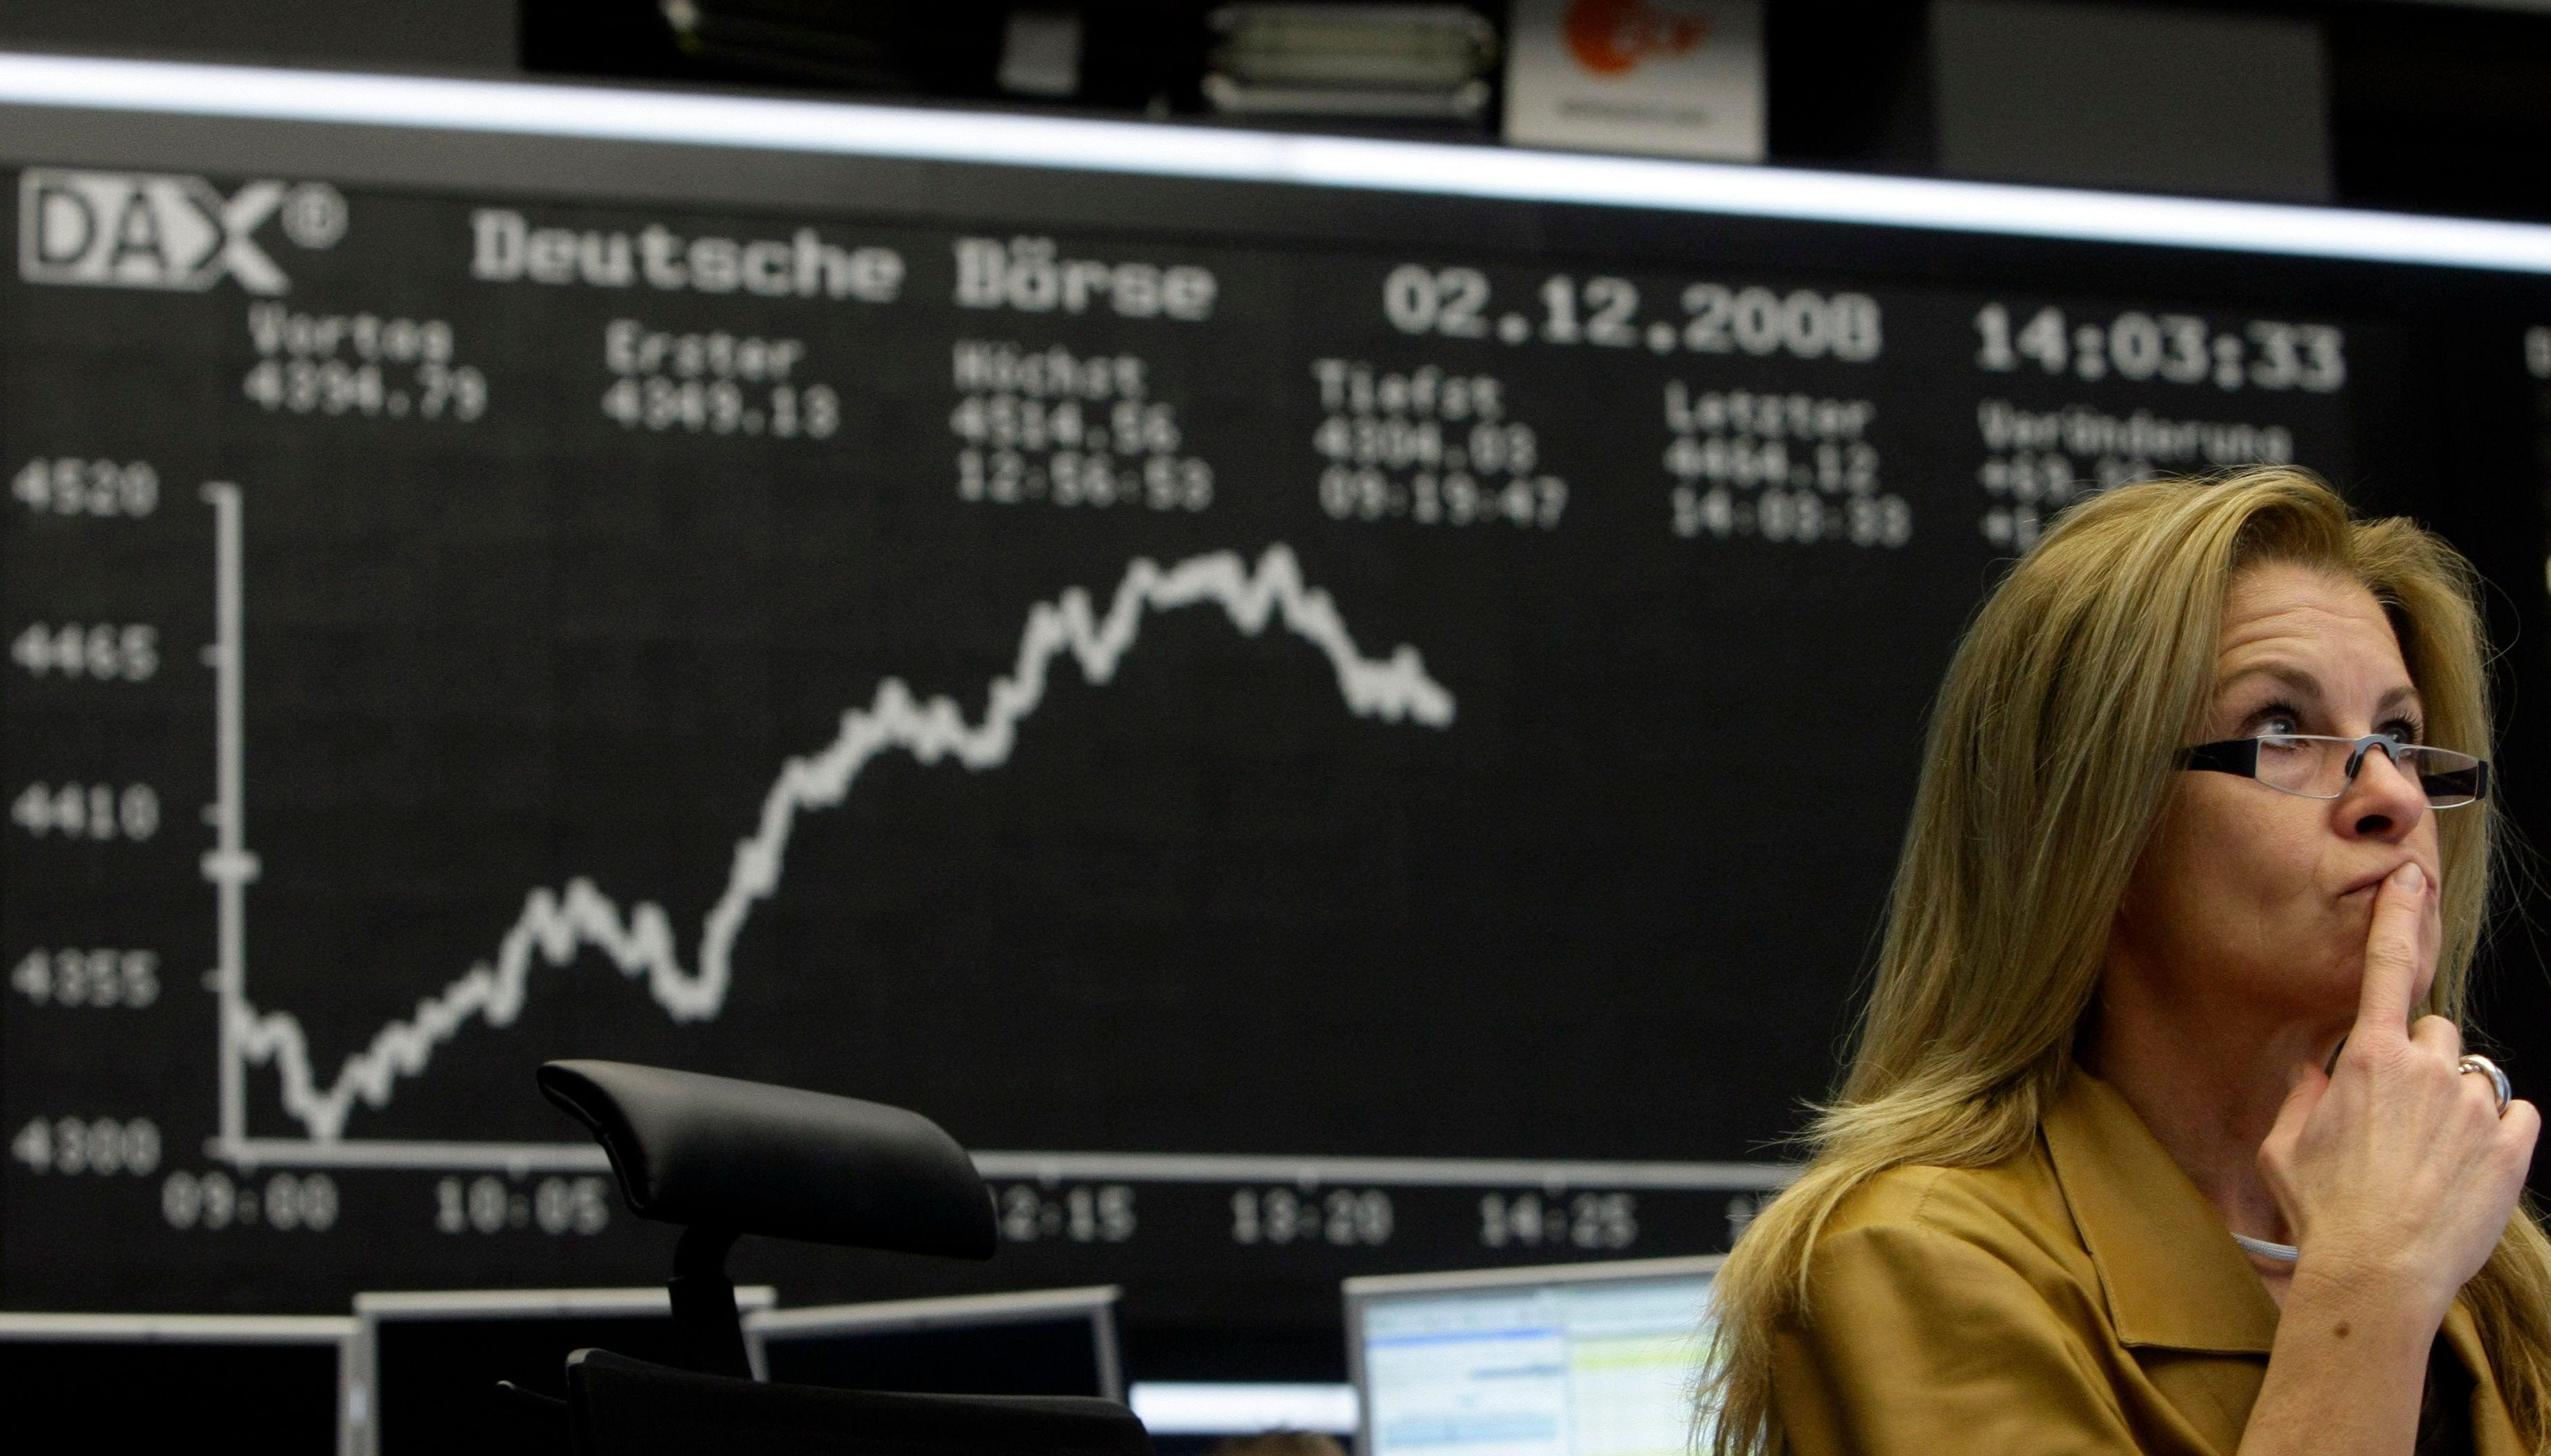 Il y aurait un lien entre le taux de travail des femmes dans les économies émergentes et la croissance.